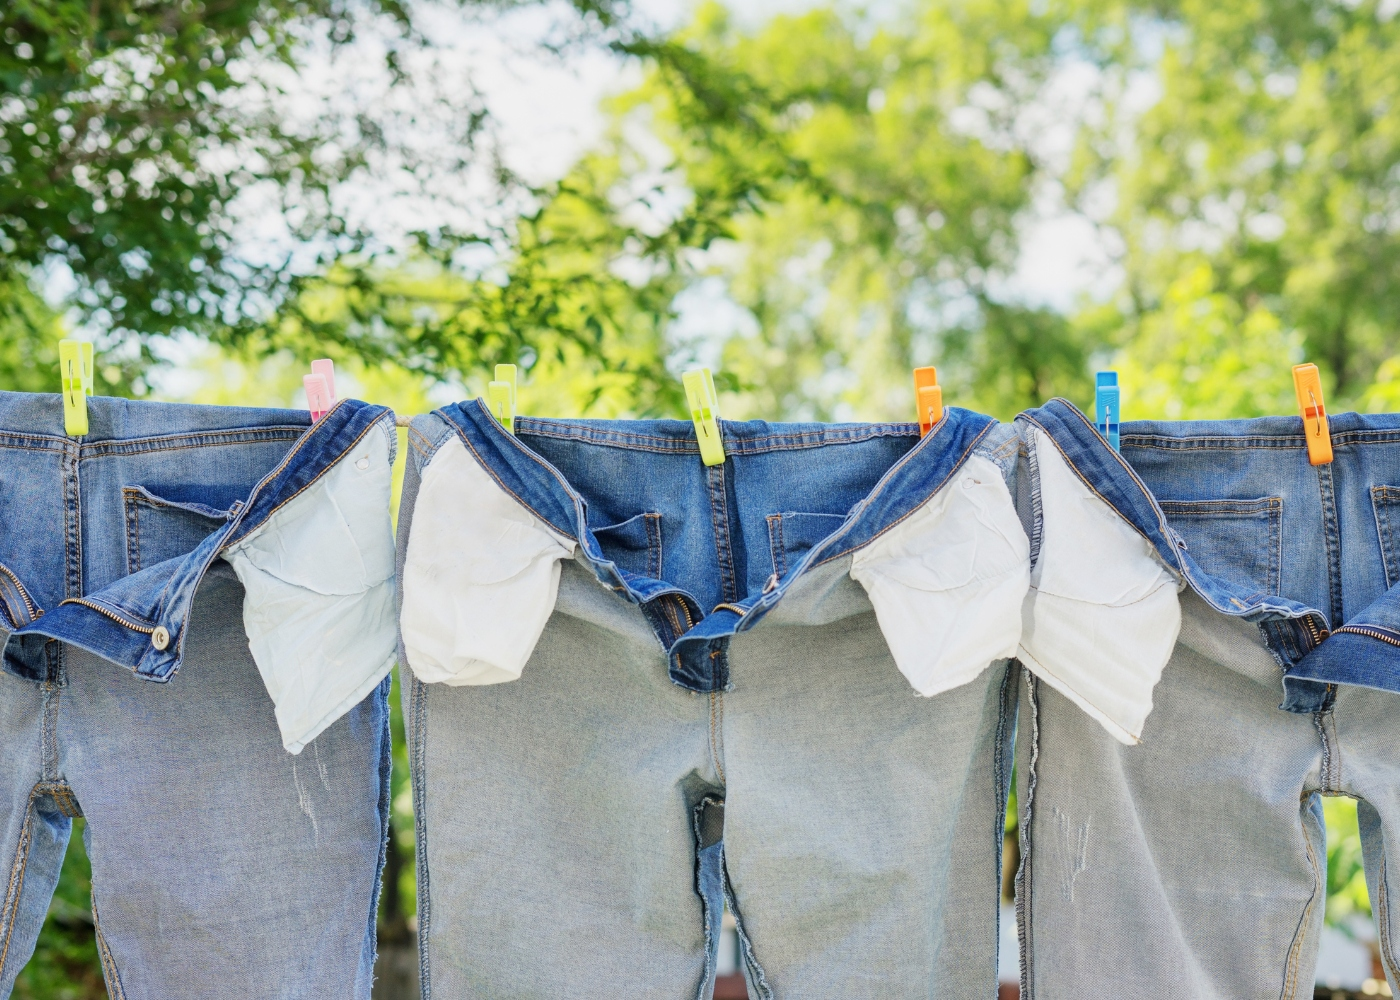 calças de ganga no estendal a secar